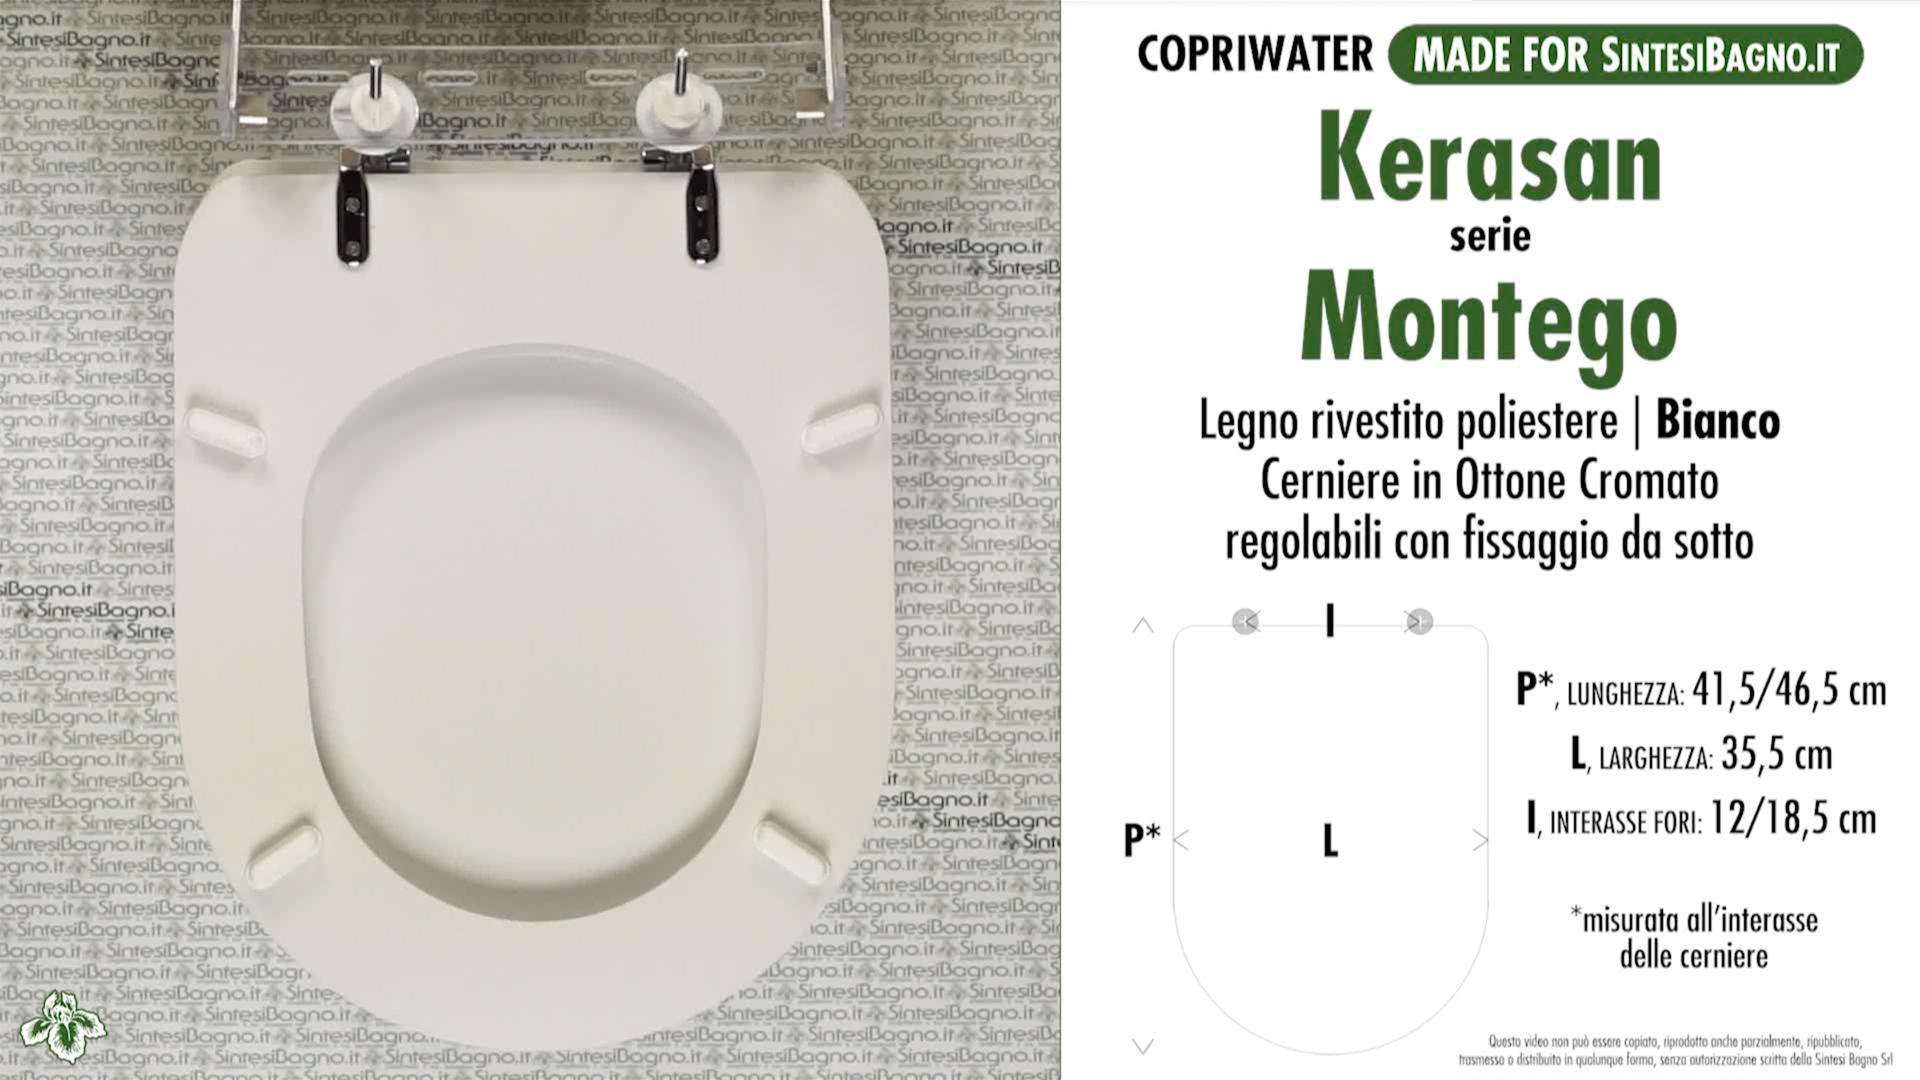 SCHEDA TECNICA MISURE copriwater KERASAN MONTEGO